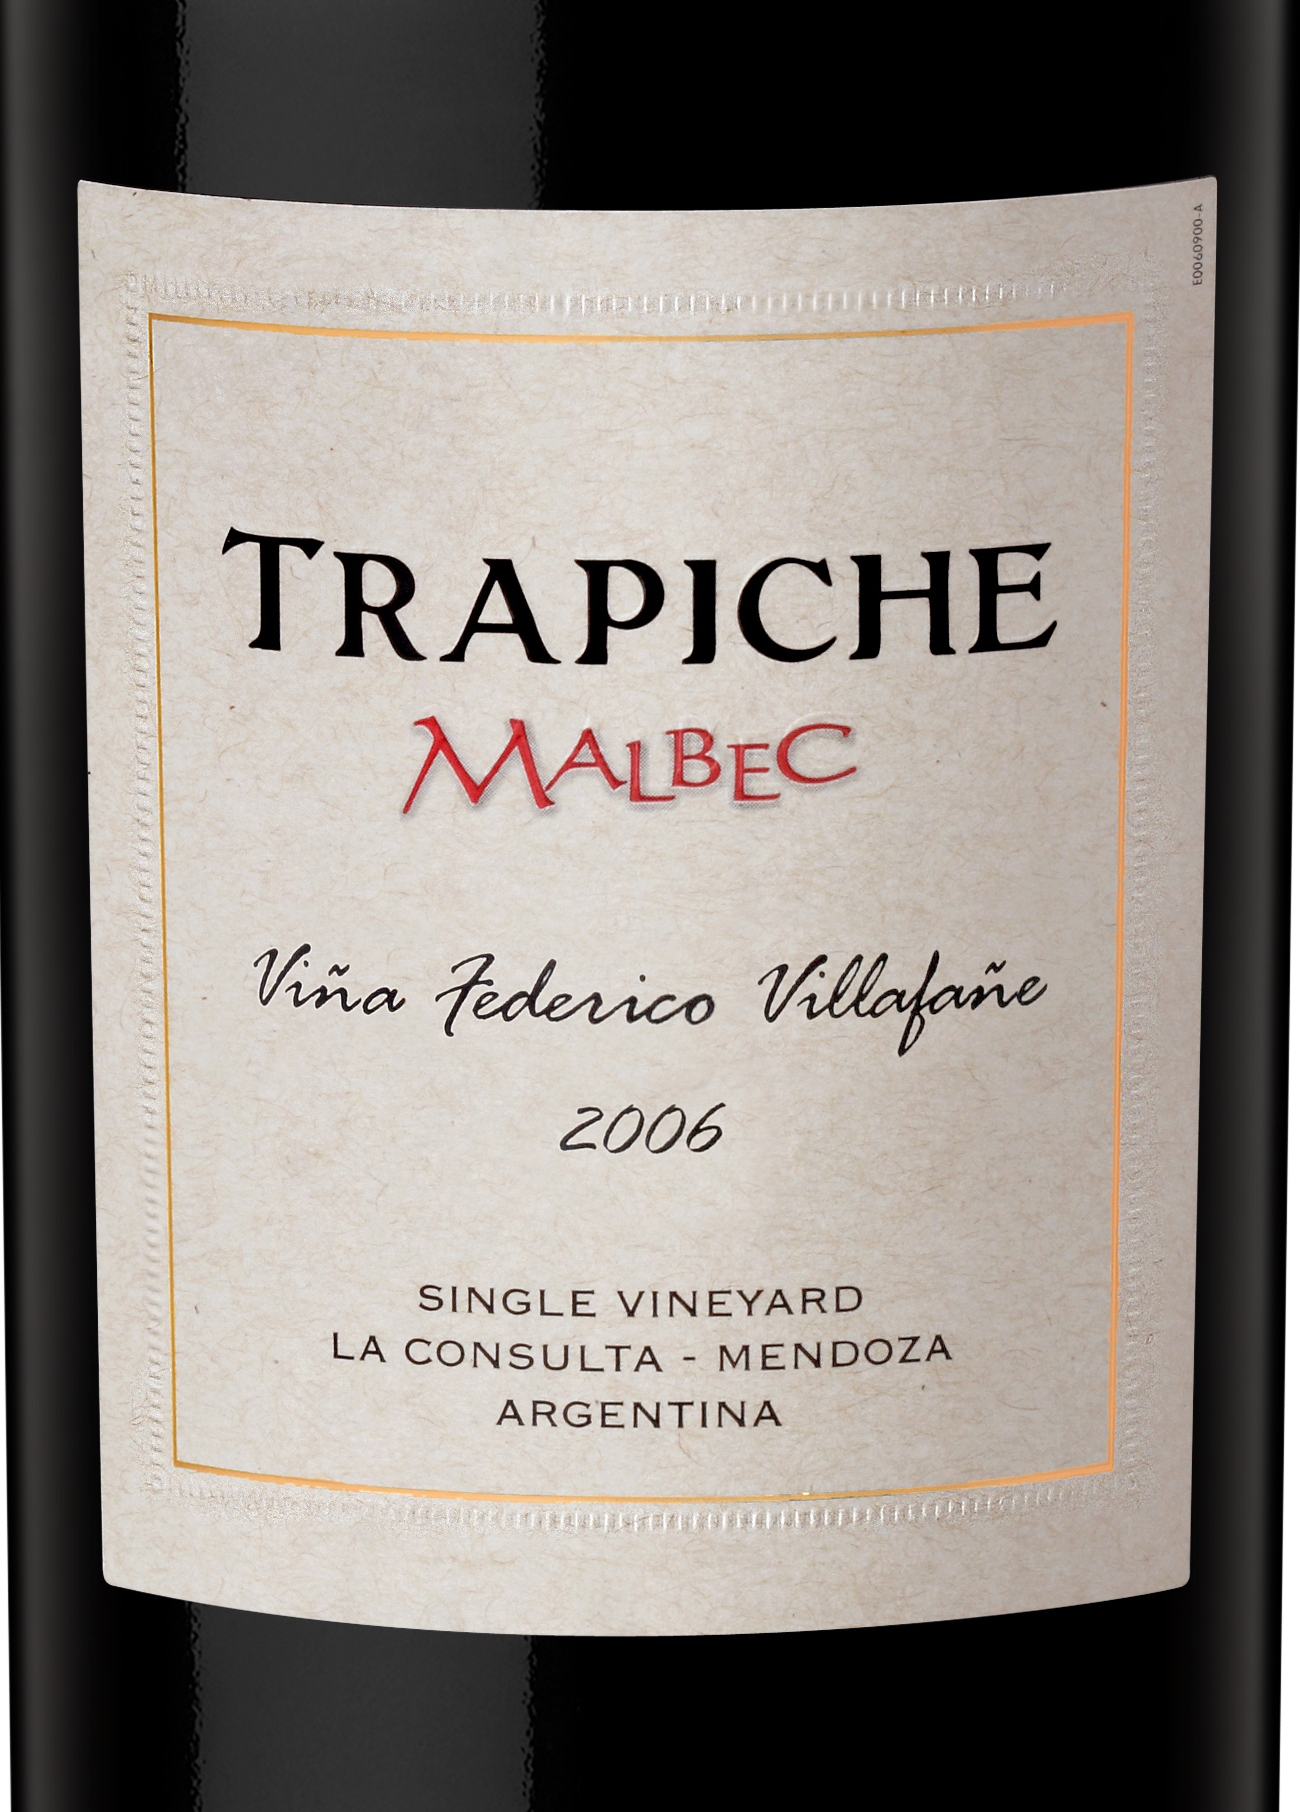 Trapiche - VIÑA FEDERICO VILLAFAÑE 2006